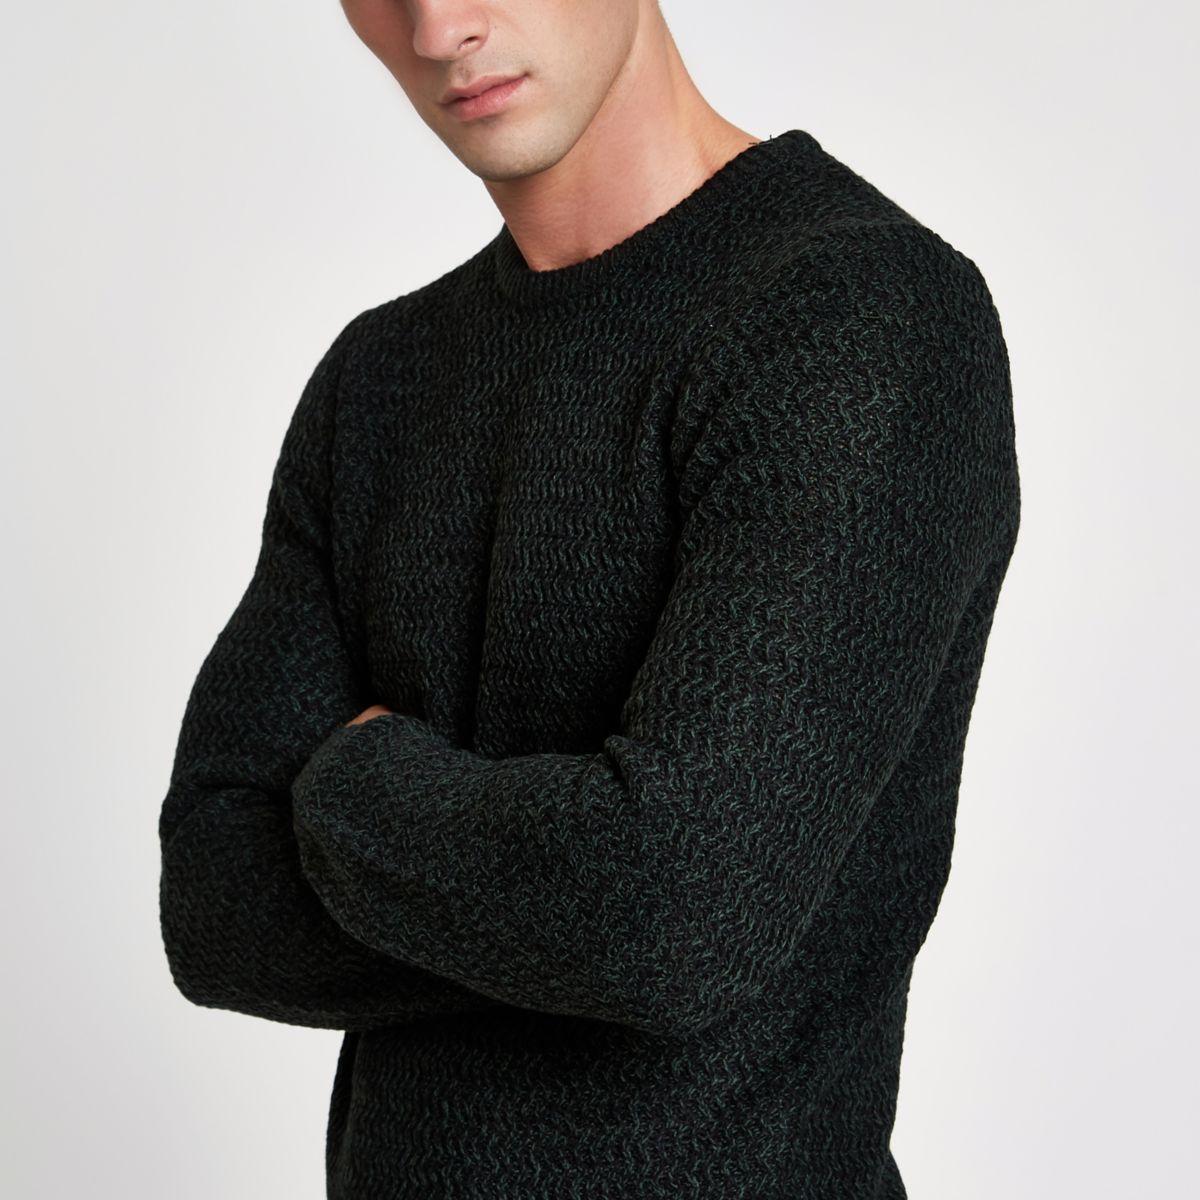 Green knit slim fit crew neck jumper